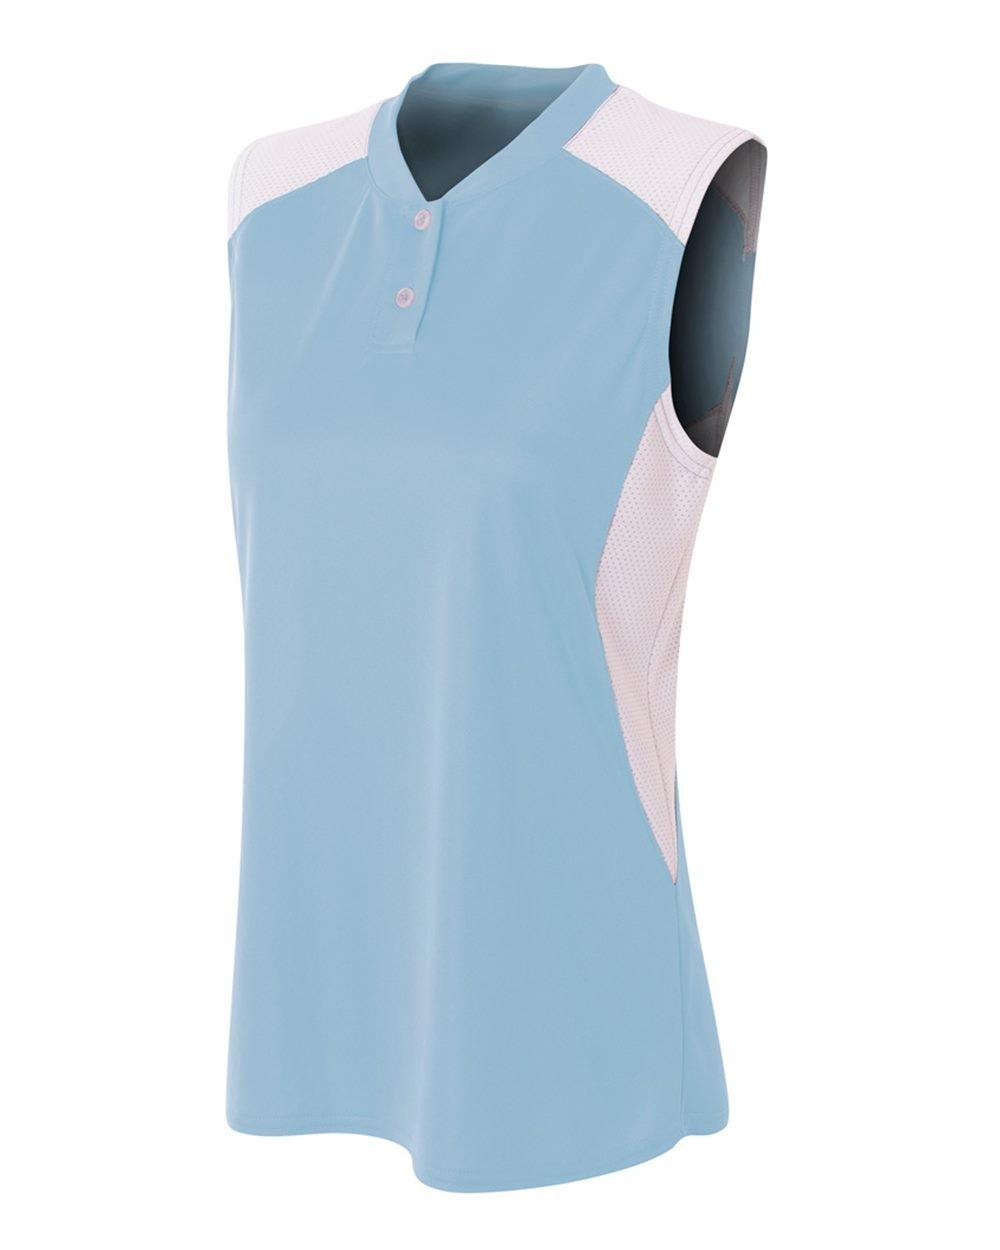 レディースノースリーブ2ボタンMoisture Wicking 2色アスレチックシャツ/ Uniform Jersey Top B01IC9PBU4ライトブルー/ホワイト Women's M